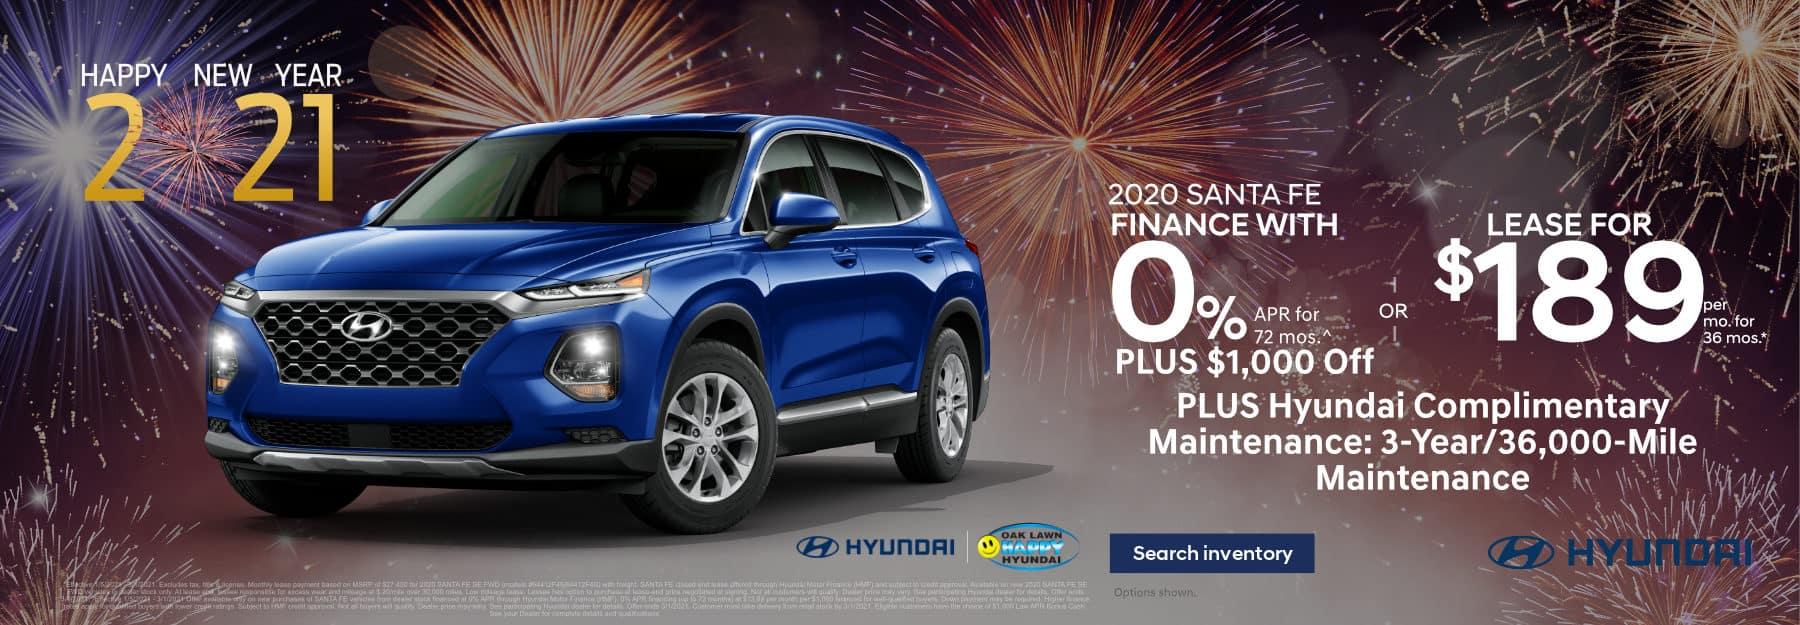 January_2021_Santa Fe_Happy_Hyundai